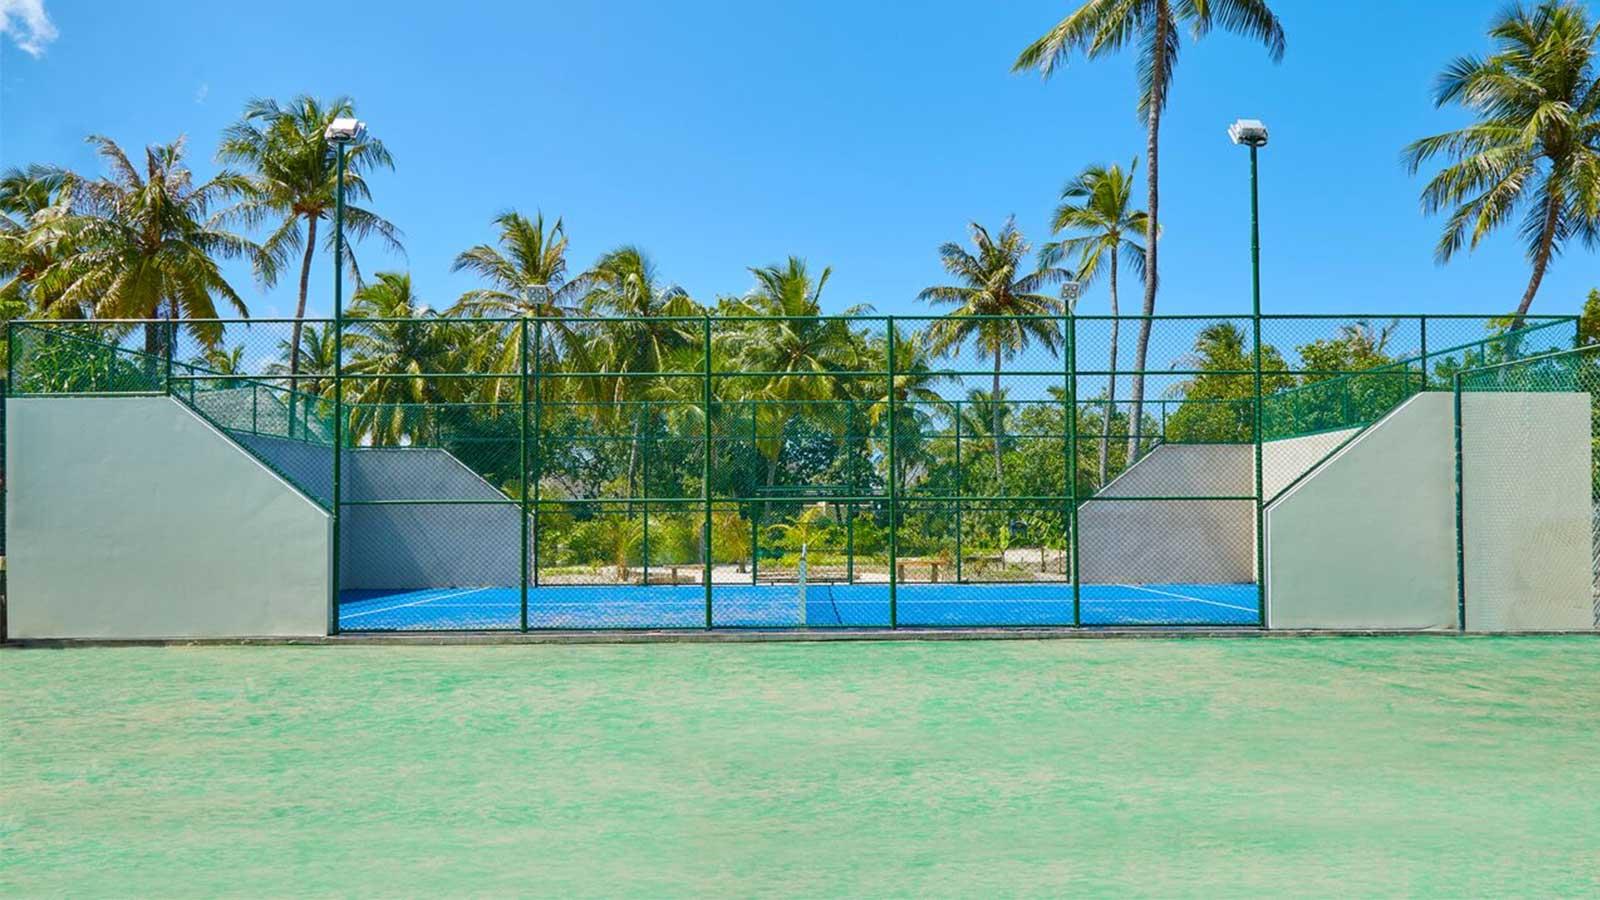 Paddle tennis Kuredu Resort Maldives